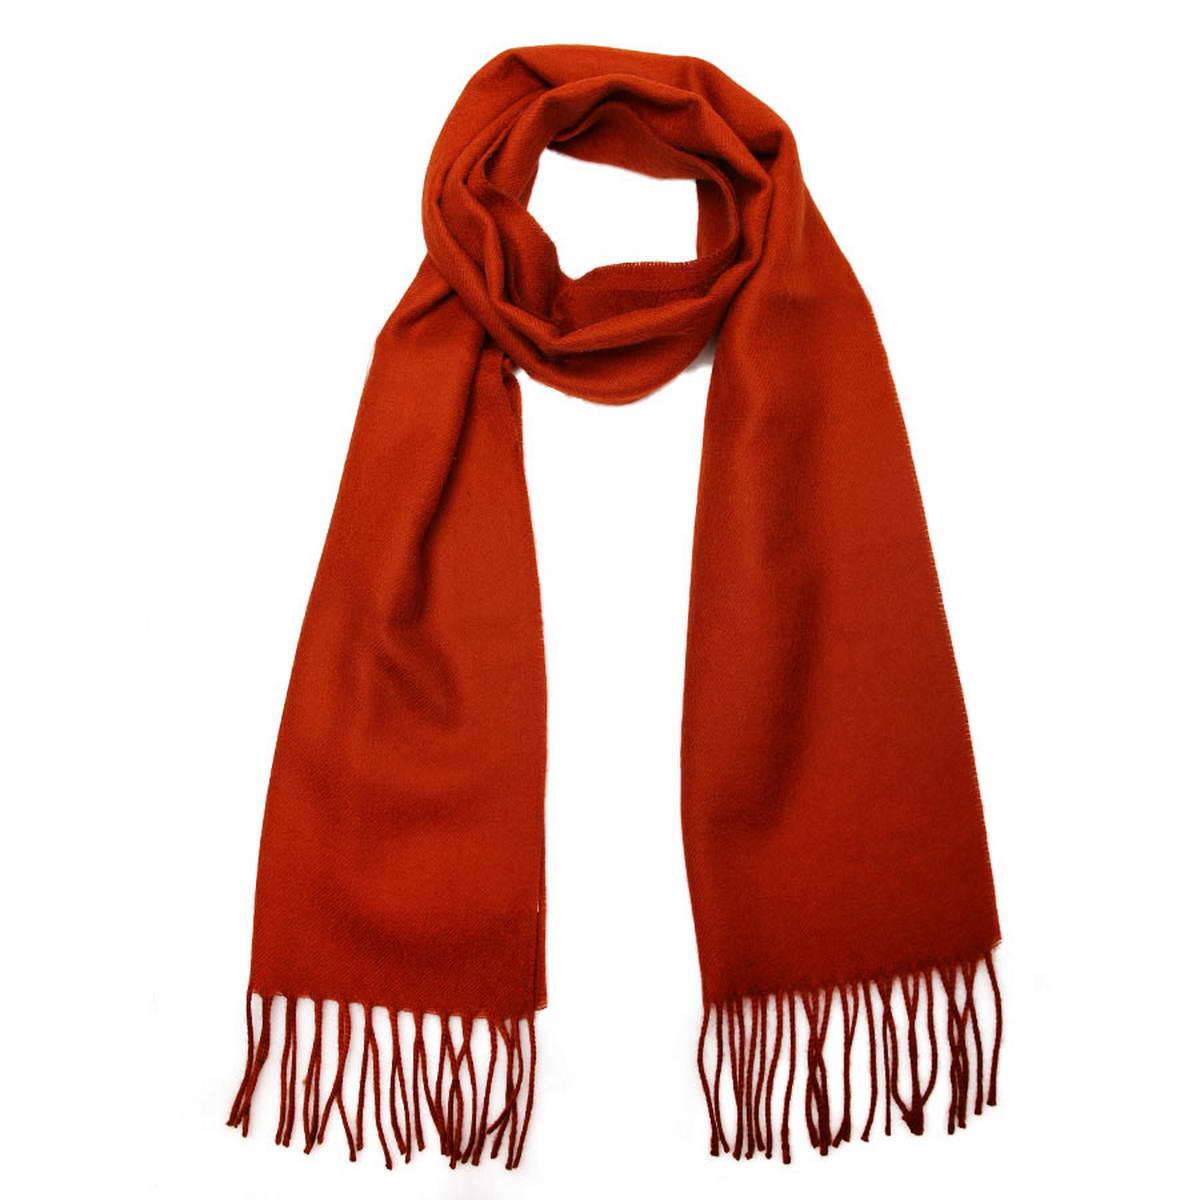 Шарф мужской. 50023325002332-4Элегантный мужской шарф Venera согреет вас в холодное время года, а также станет изысканным аксессуаром, который призван подчеркнуть ваш стиль и индивидуальность. Оригинальный теплый шарф выполнен из высококачественной шерстяной пряжи. Однотонный шарф дополнен бахромой в виде жгутиков по краю. Такой шарф станет превосходным дополнением к любому наряду, защитит вас от ветра и холода и позволит вам создать свой неповторимый стиль.